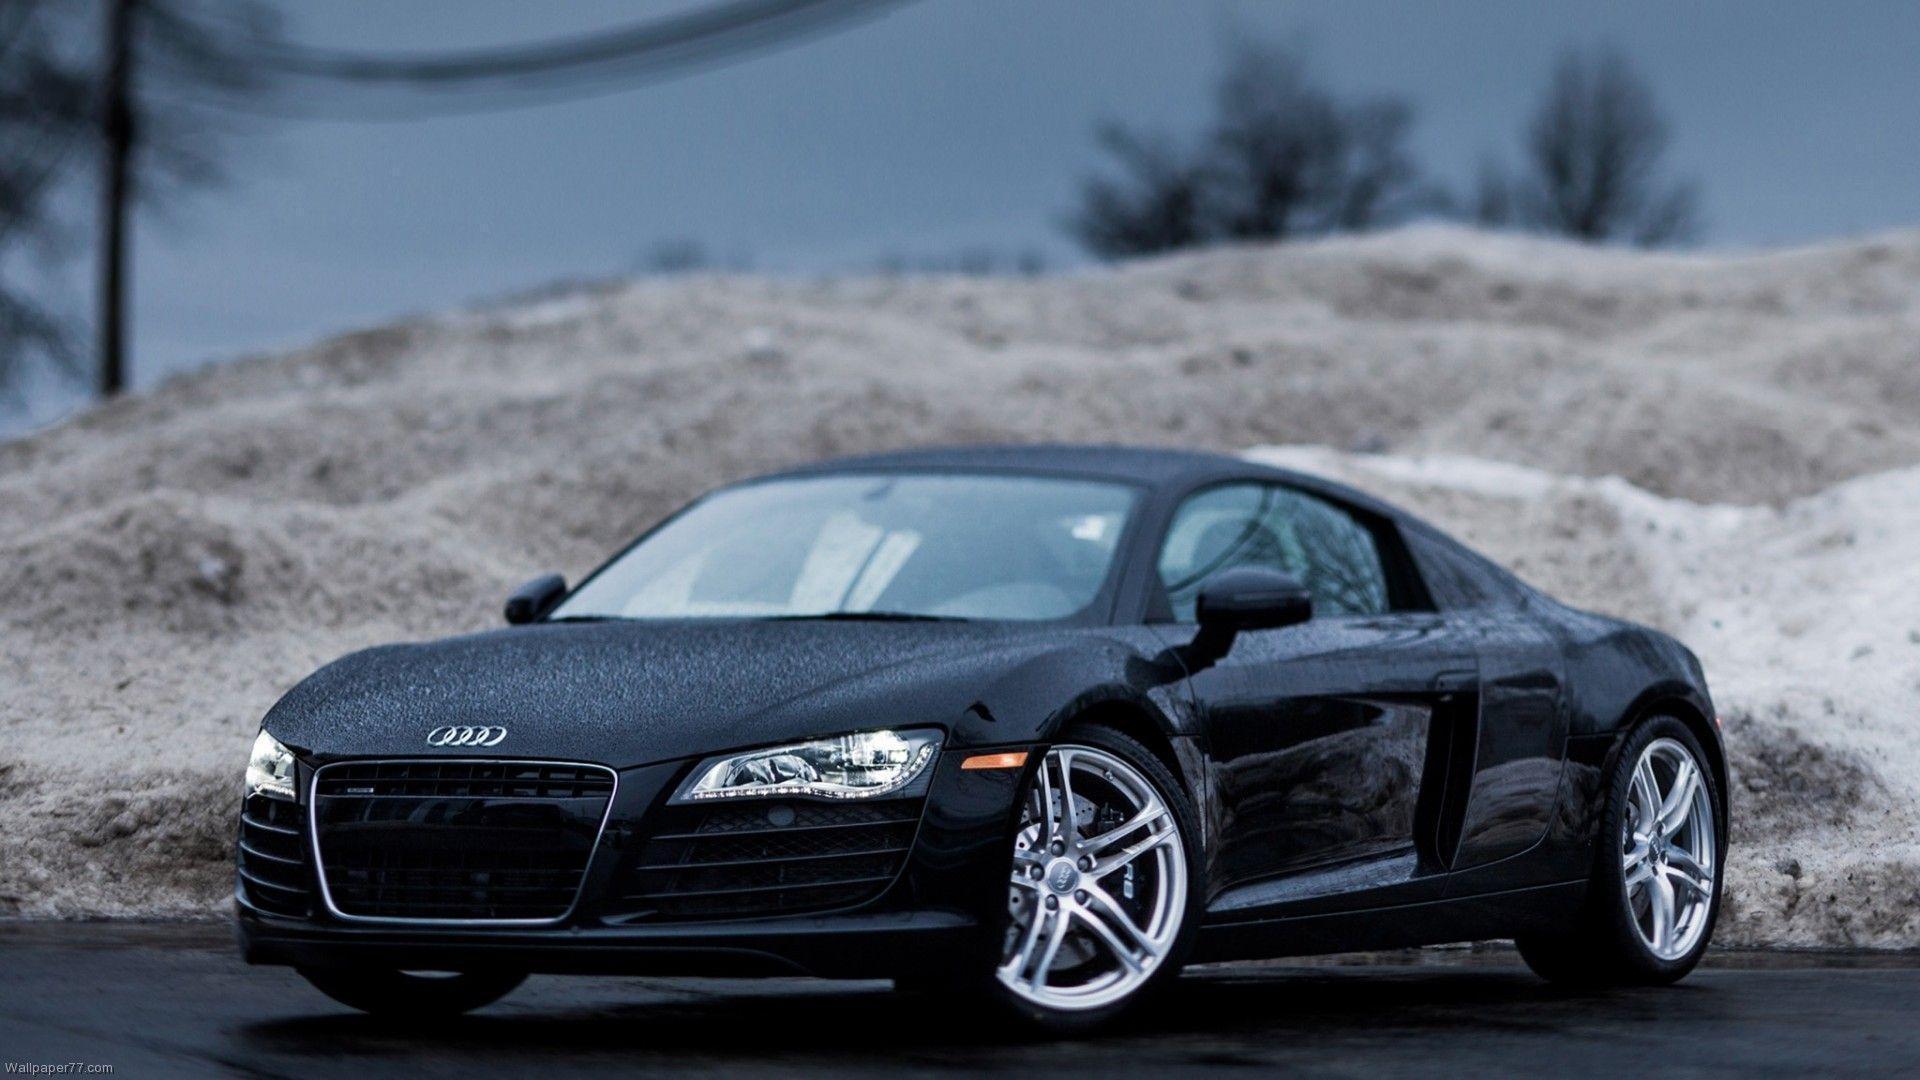 Audi Cars Wallpapers - Wallpaper Cave